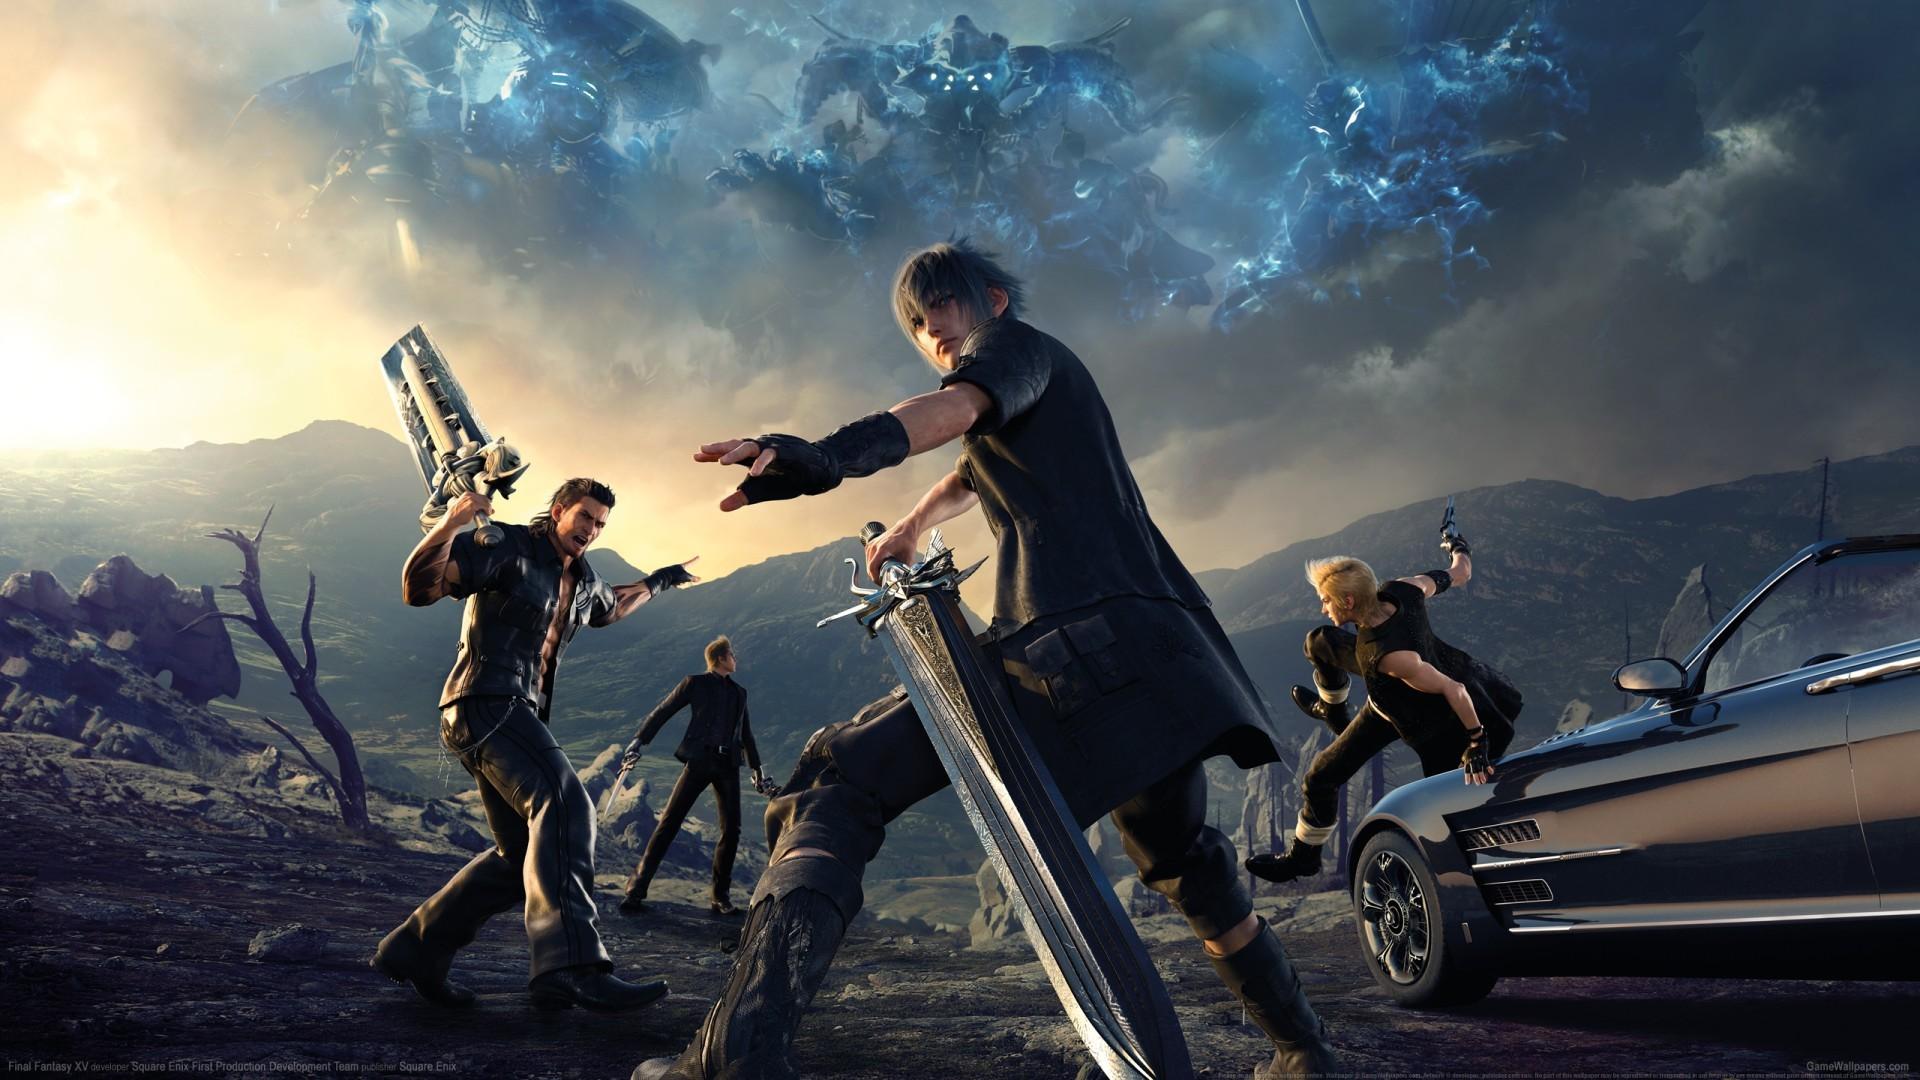 最新一批国行PS4过审游戏名单出炉